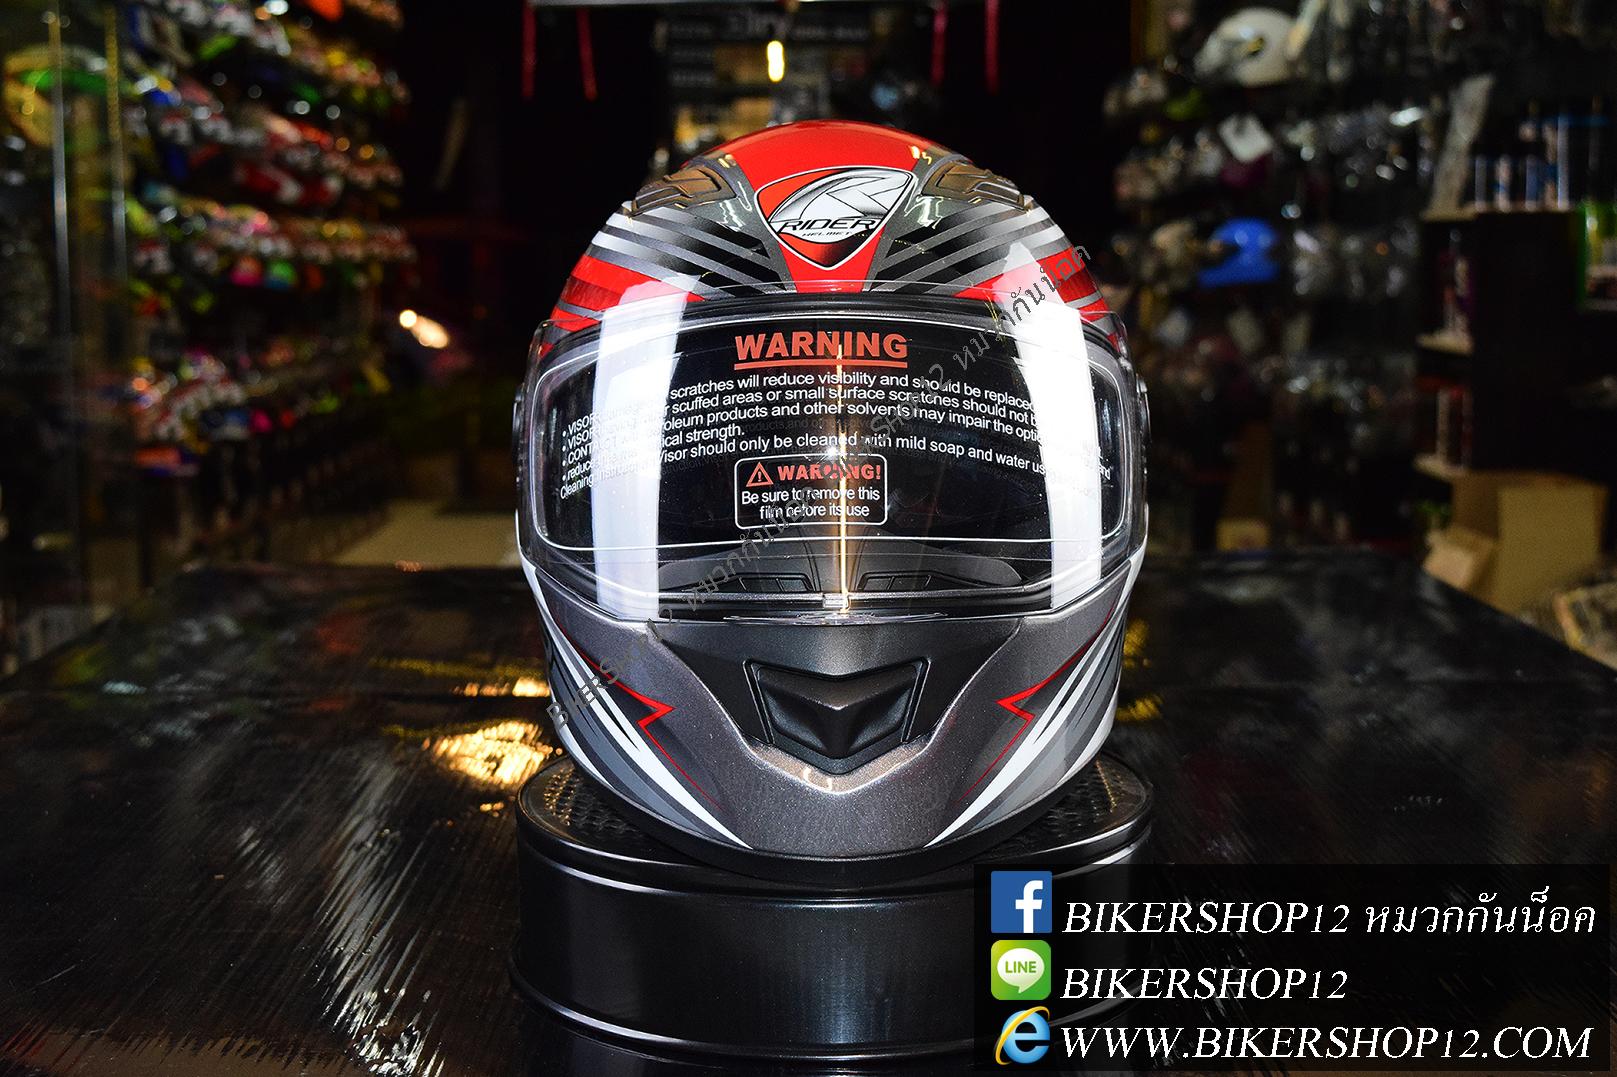 หมวกกันน็อคRider Viper สี Racing Red แบบที่ 2